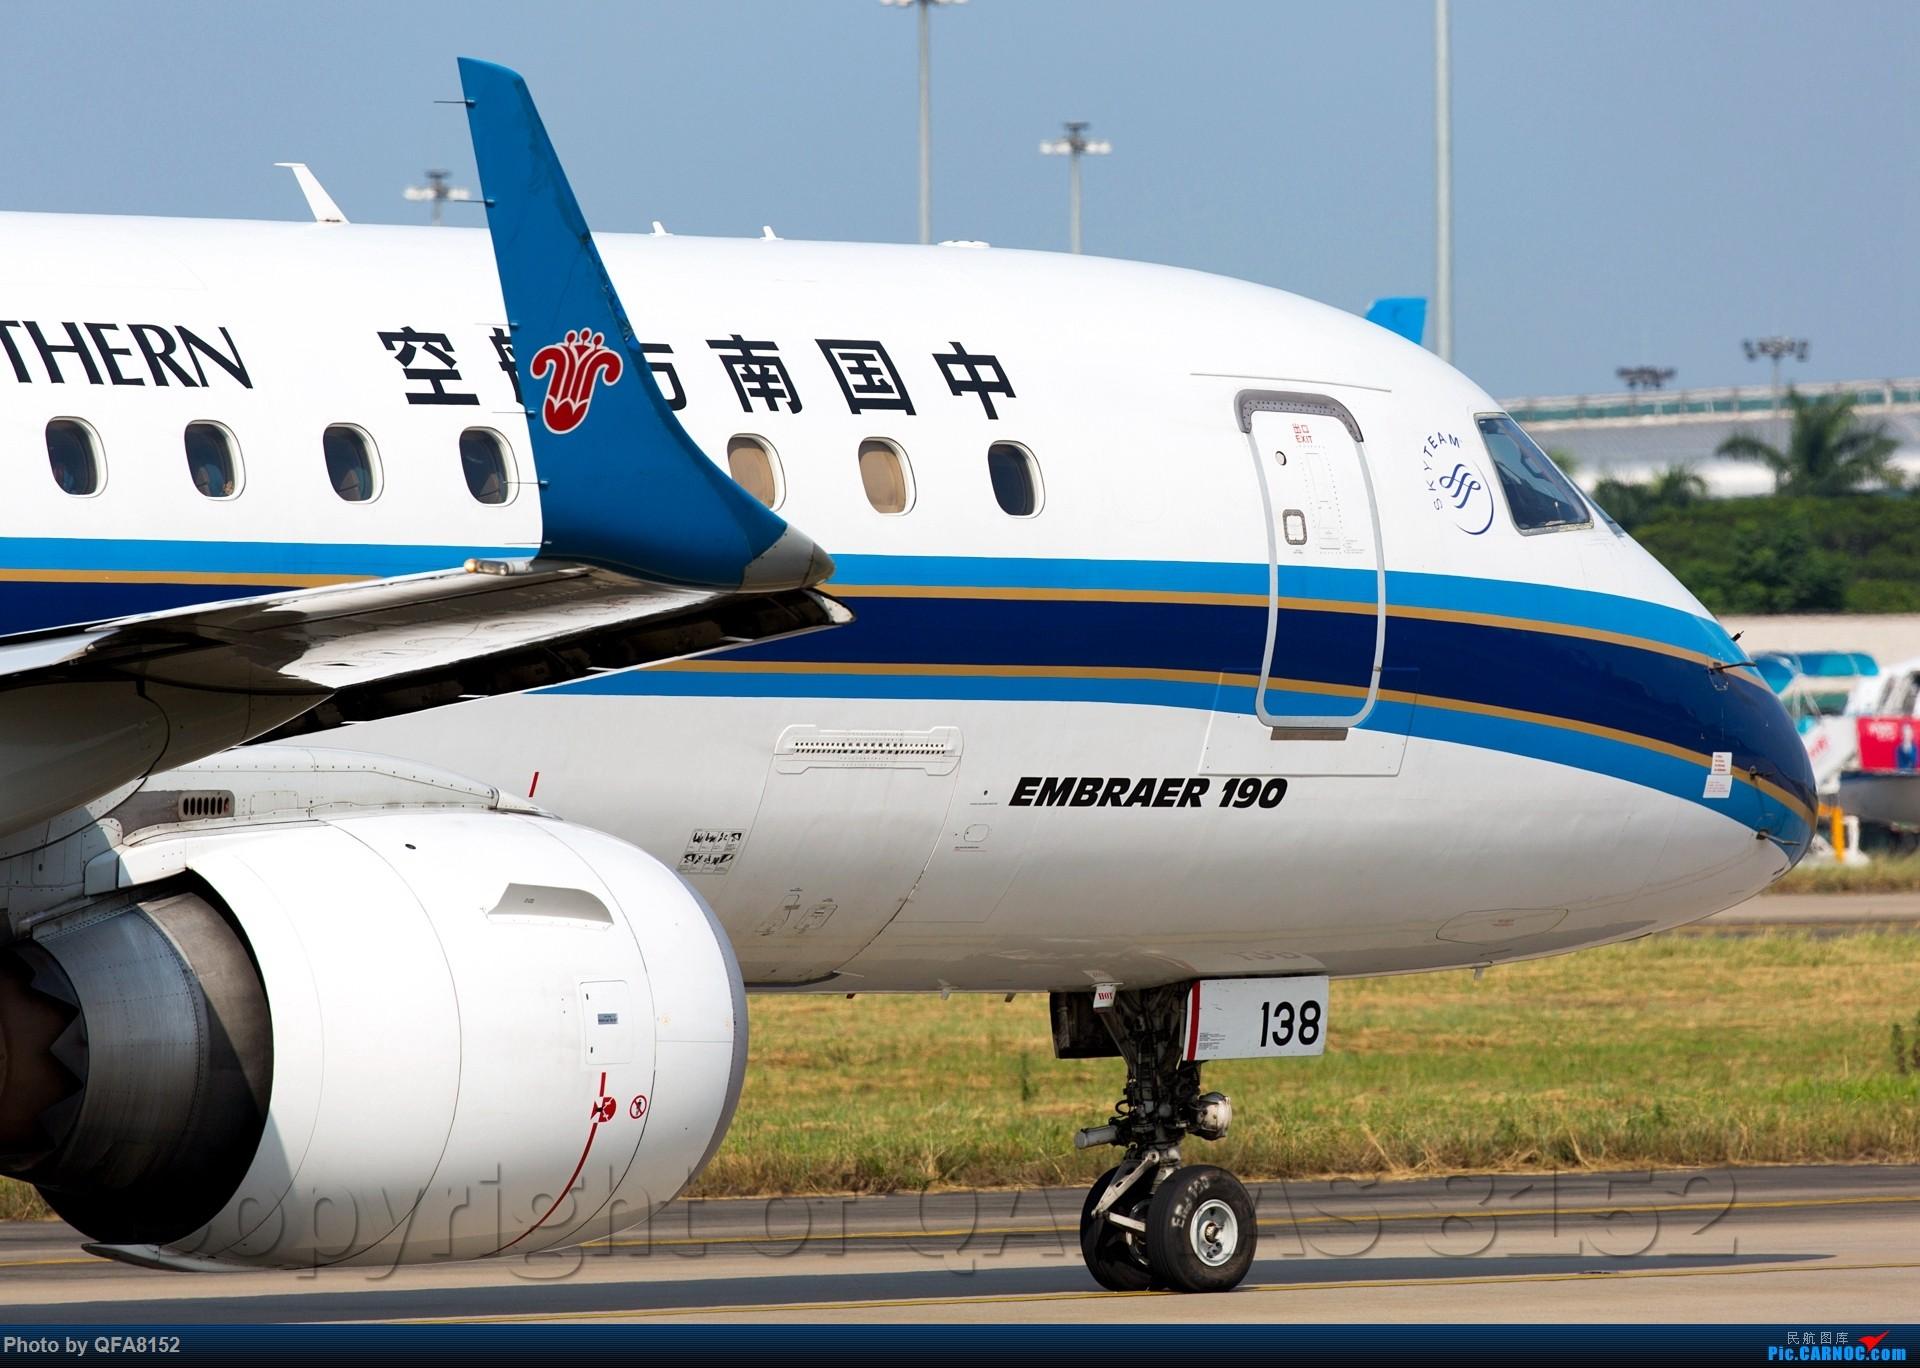 Re:[原创]冒泡 EMBRAER E-190 B-3138 中国广州白云国际机场